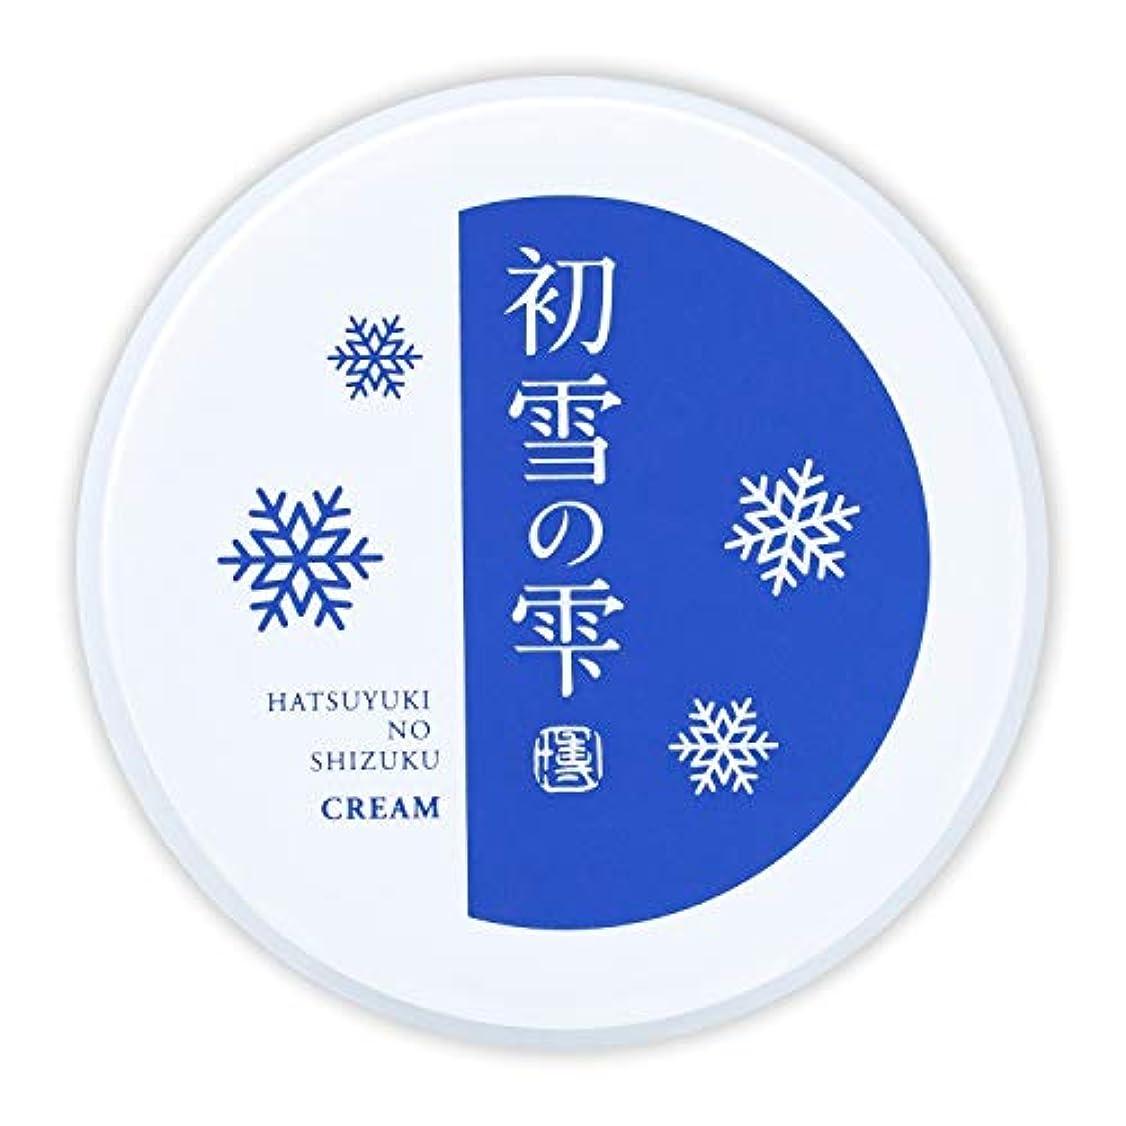 音節背骨件名初雪の雫 オールインワン 保湿 クリーム 27g 約2週間分 [プラセンタ ヒアルロン酸 セラミド アルブチン ビタミンC ]